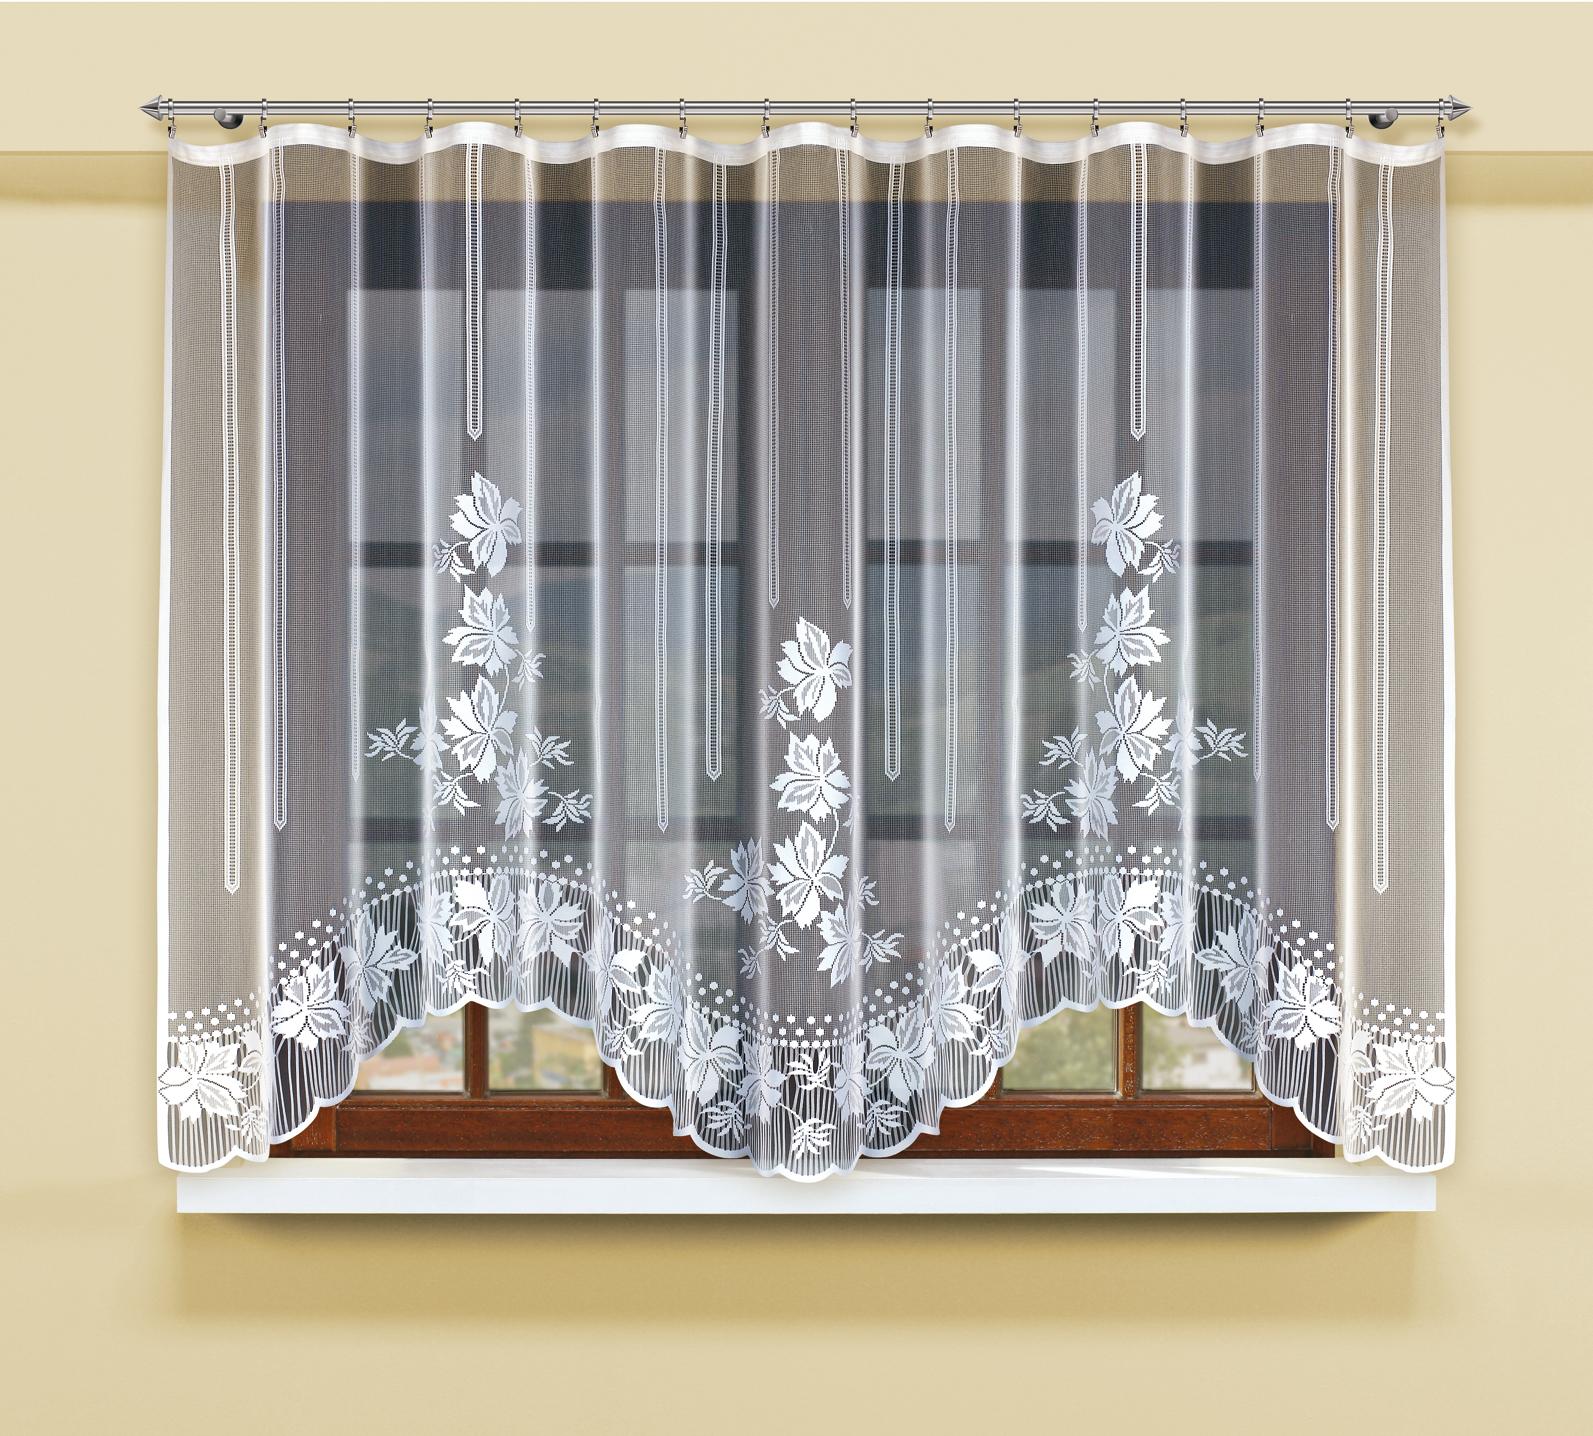 Гардина Haft, цвет: белый, высота 300 см211670/150Гардина Haft, изготовленная из полиэстера, станет великолепным украшениемлюбого окна. Изделие, оформленное цветочным орнаментом, привлечет к себе внимание и органичновпишется в интерьер комнаты. Оригинальное оформление гардины внесет разнообразие иподарит заряд положительного настроения.